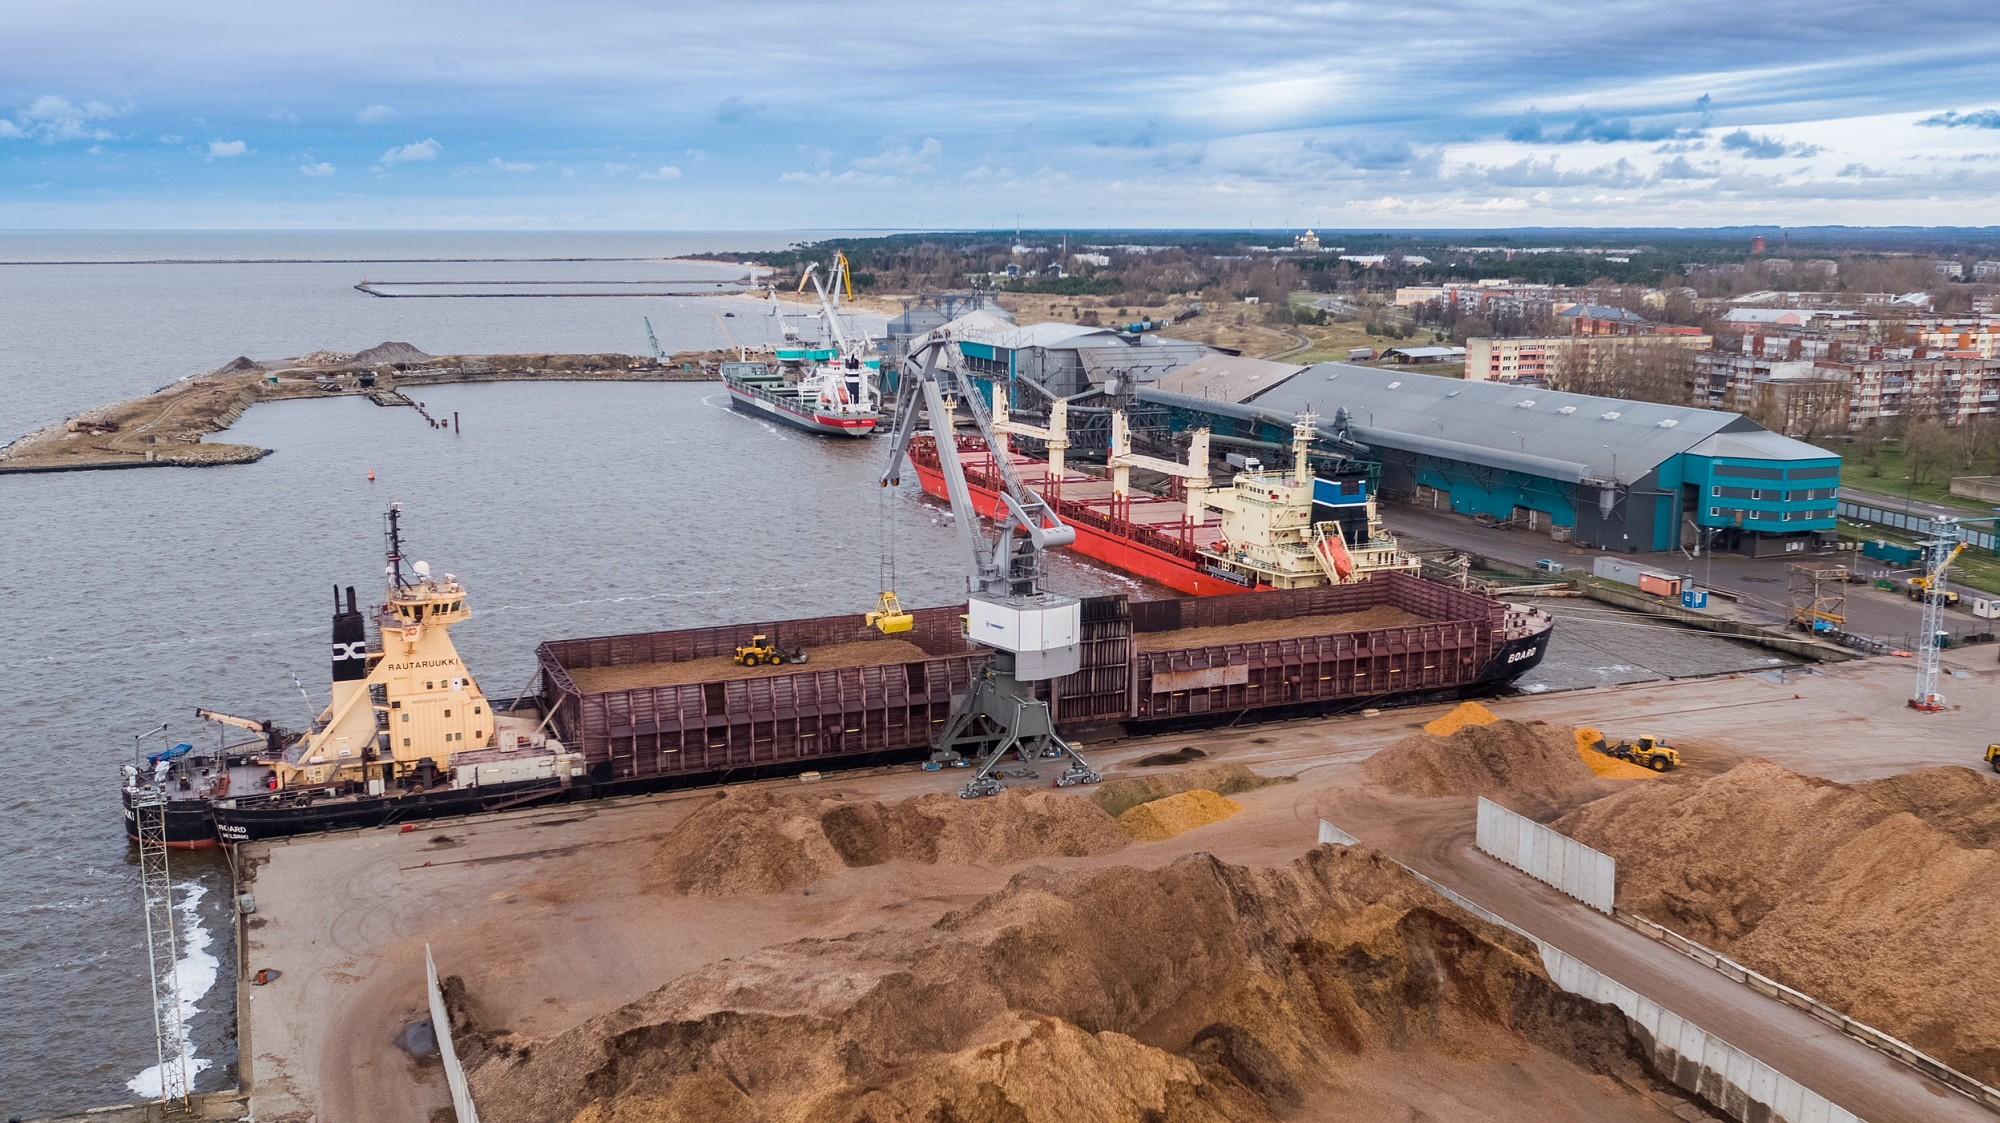 SEZ pārvaldnieks Liepājas ostā šogad prognozē līdzīgu kravu apgrozījumu kā pērn